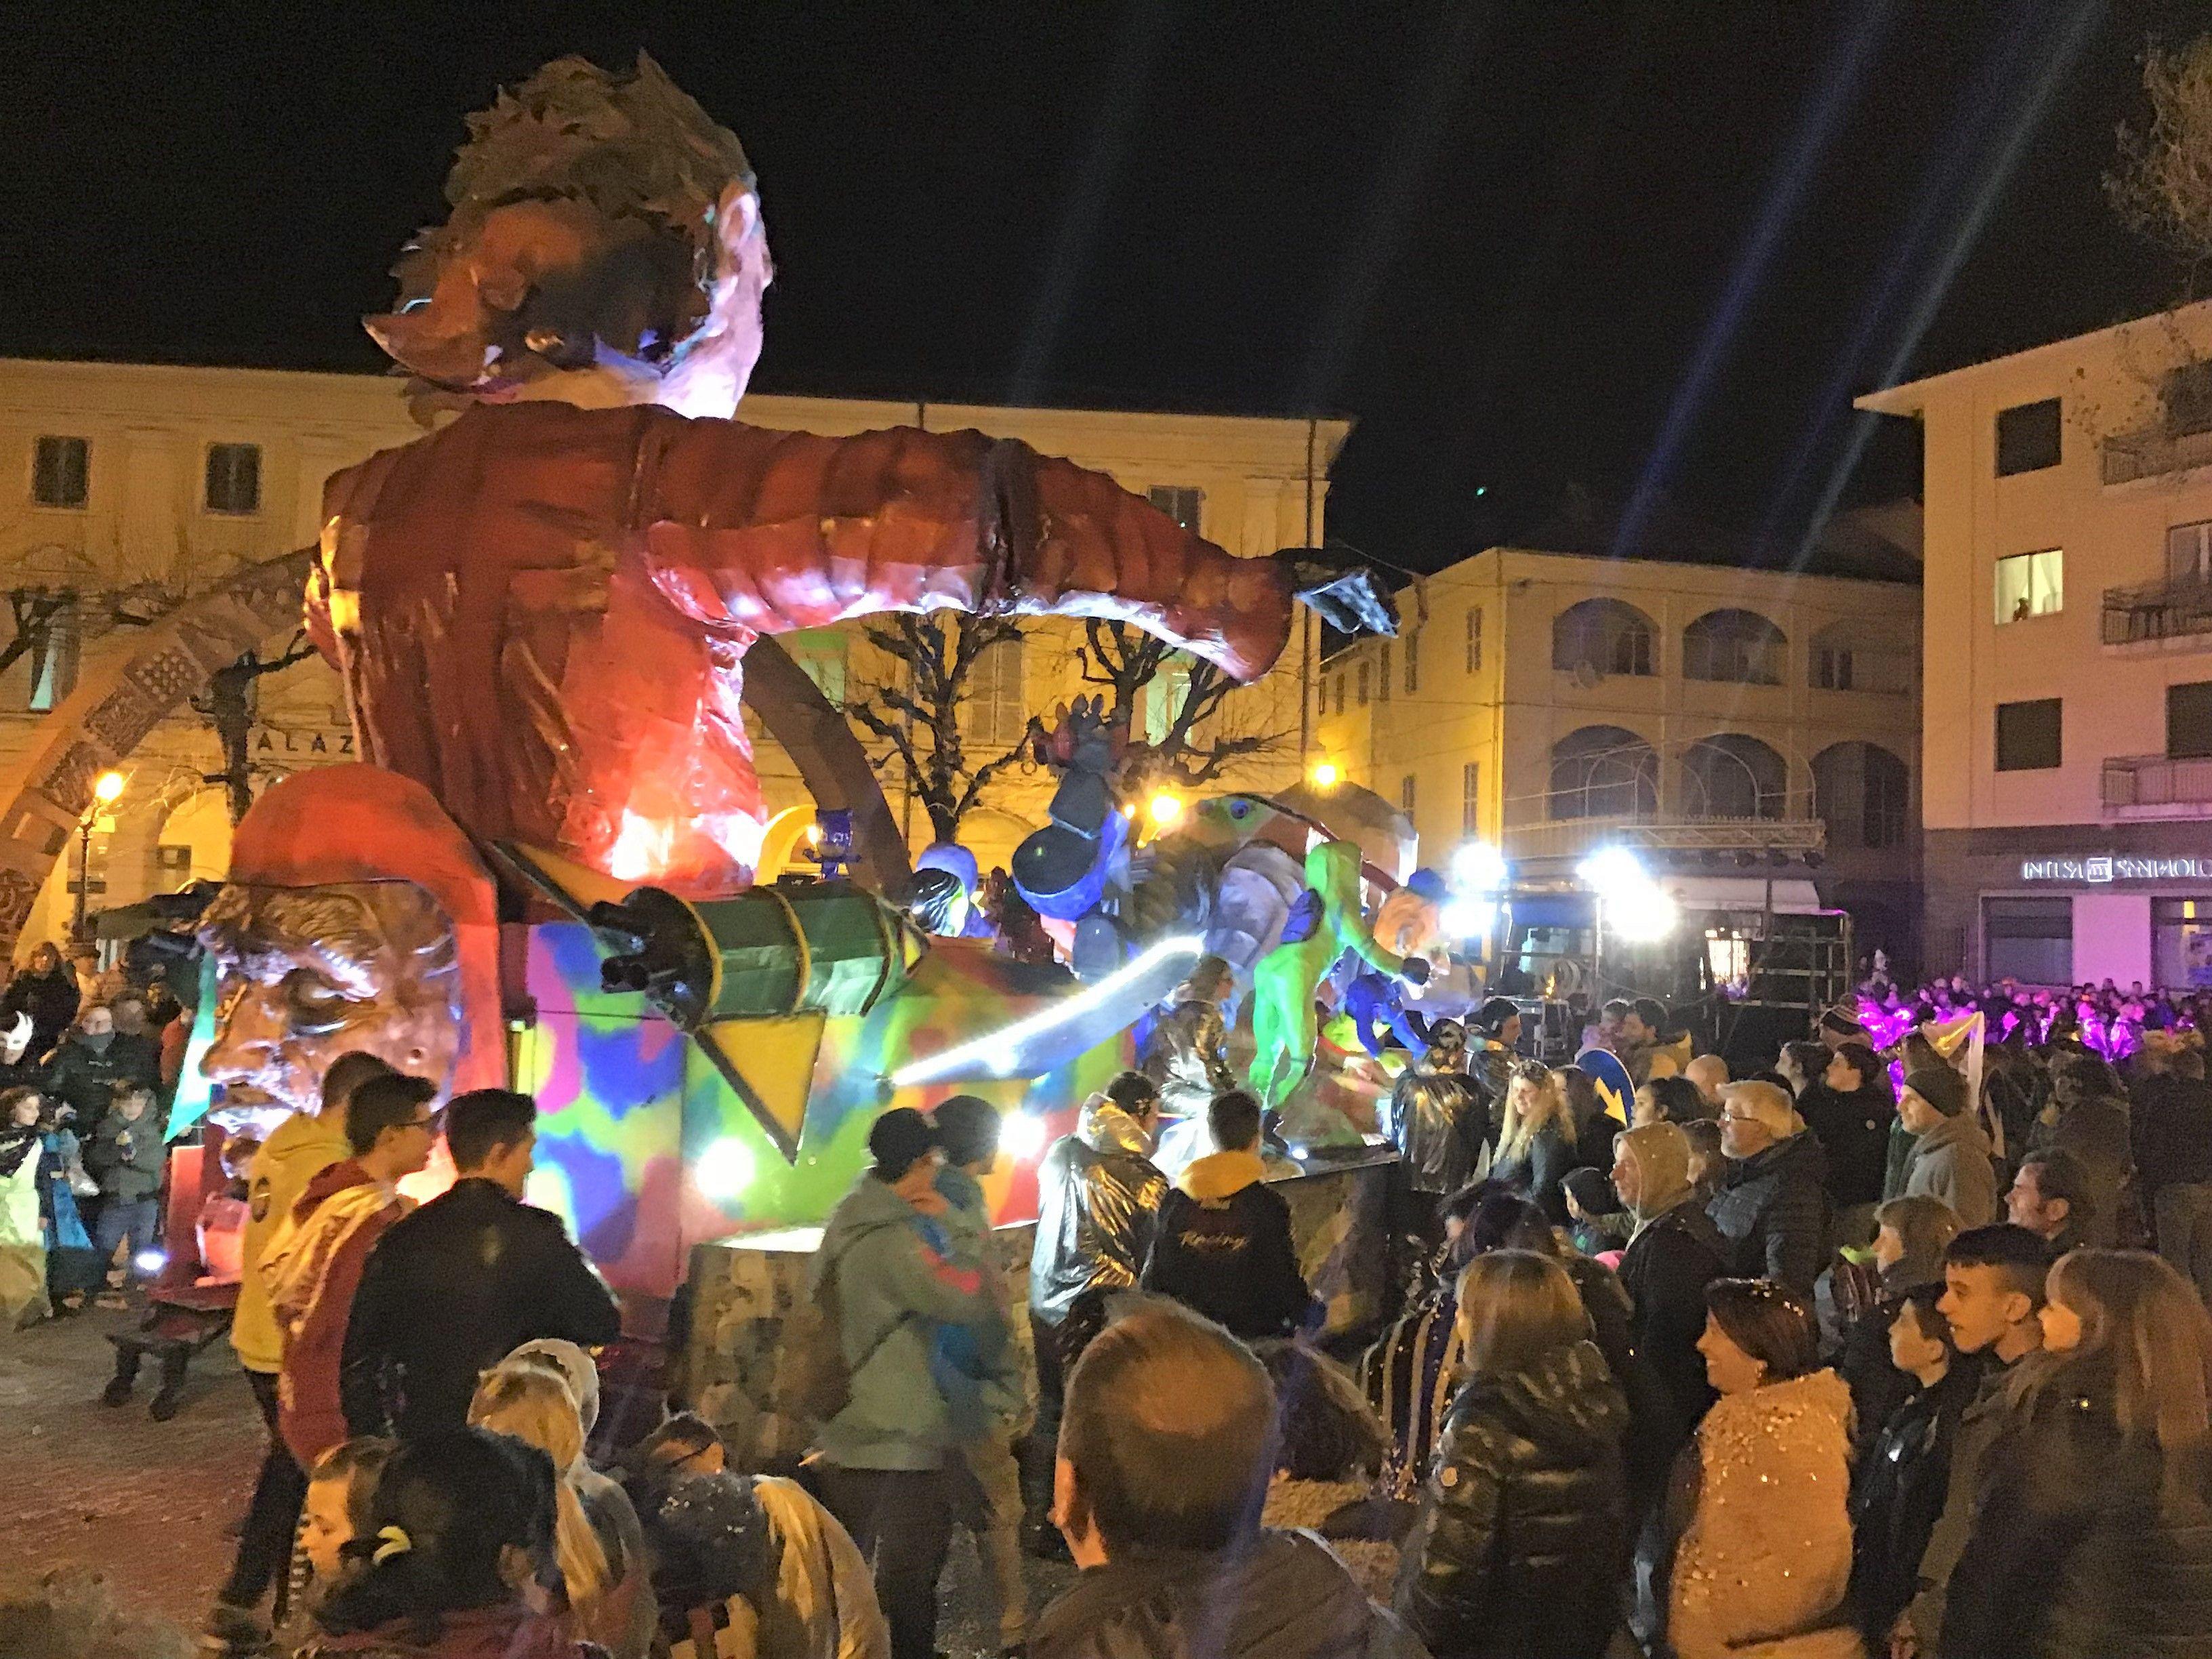 CASTELLAMONTE - Storico Carnevale: salta l'edizione 2020. Non ci saranno Bela Pignatera, Primo Console e Re Pignatun